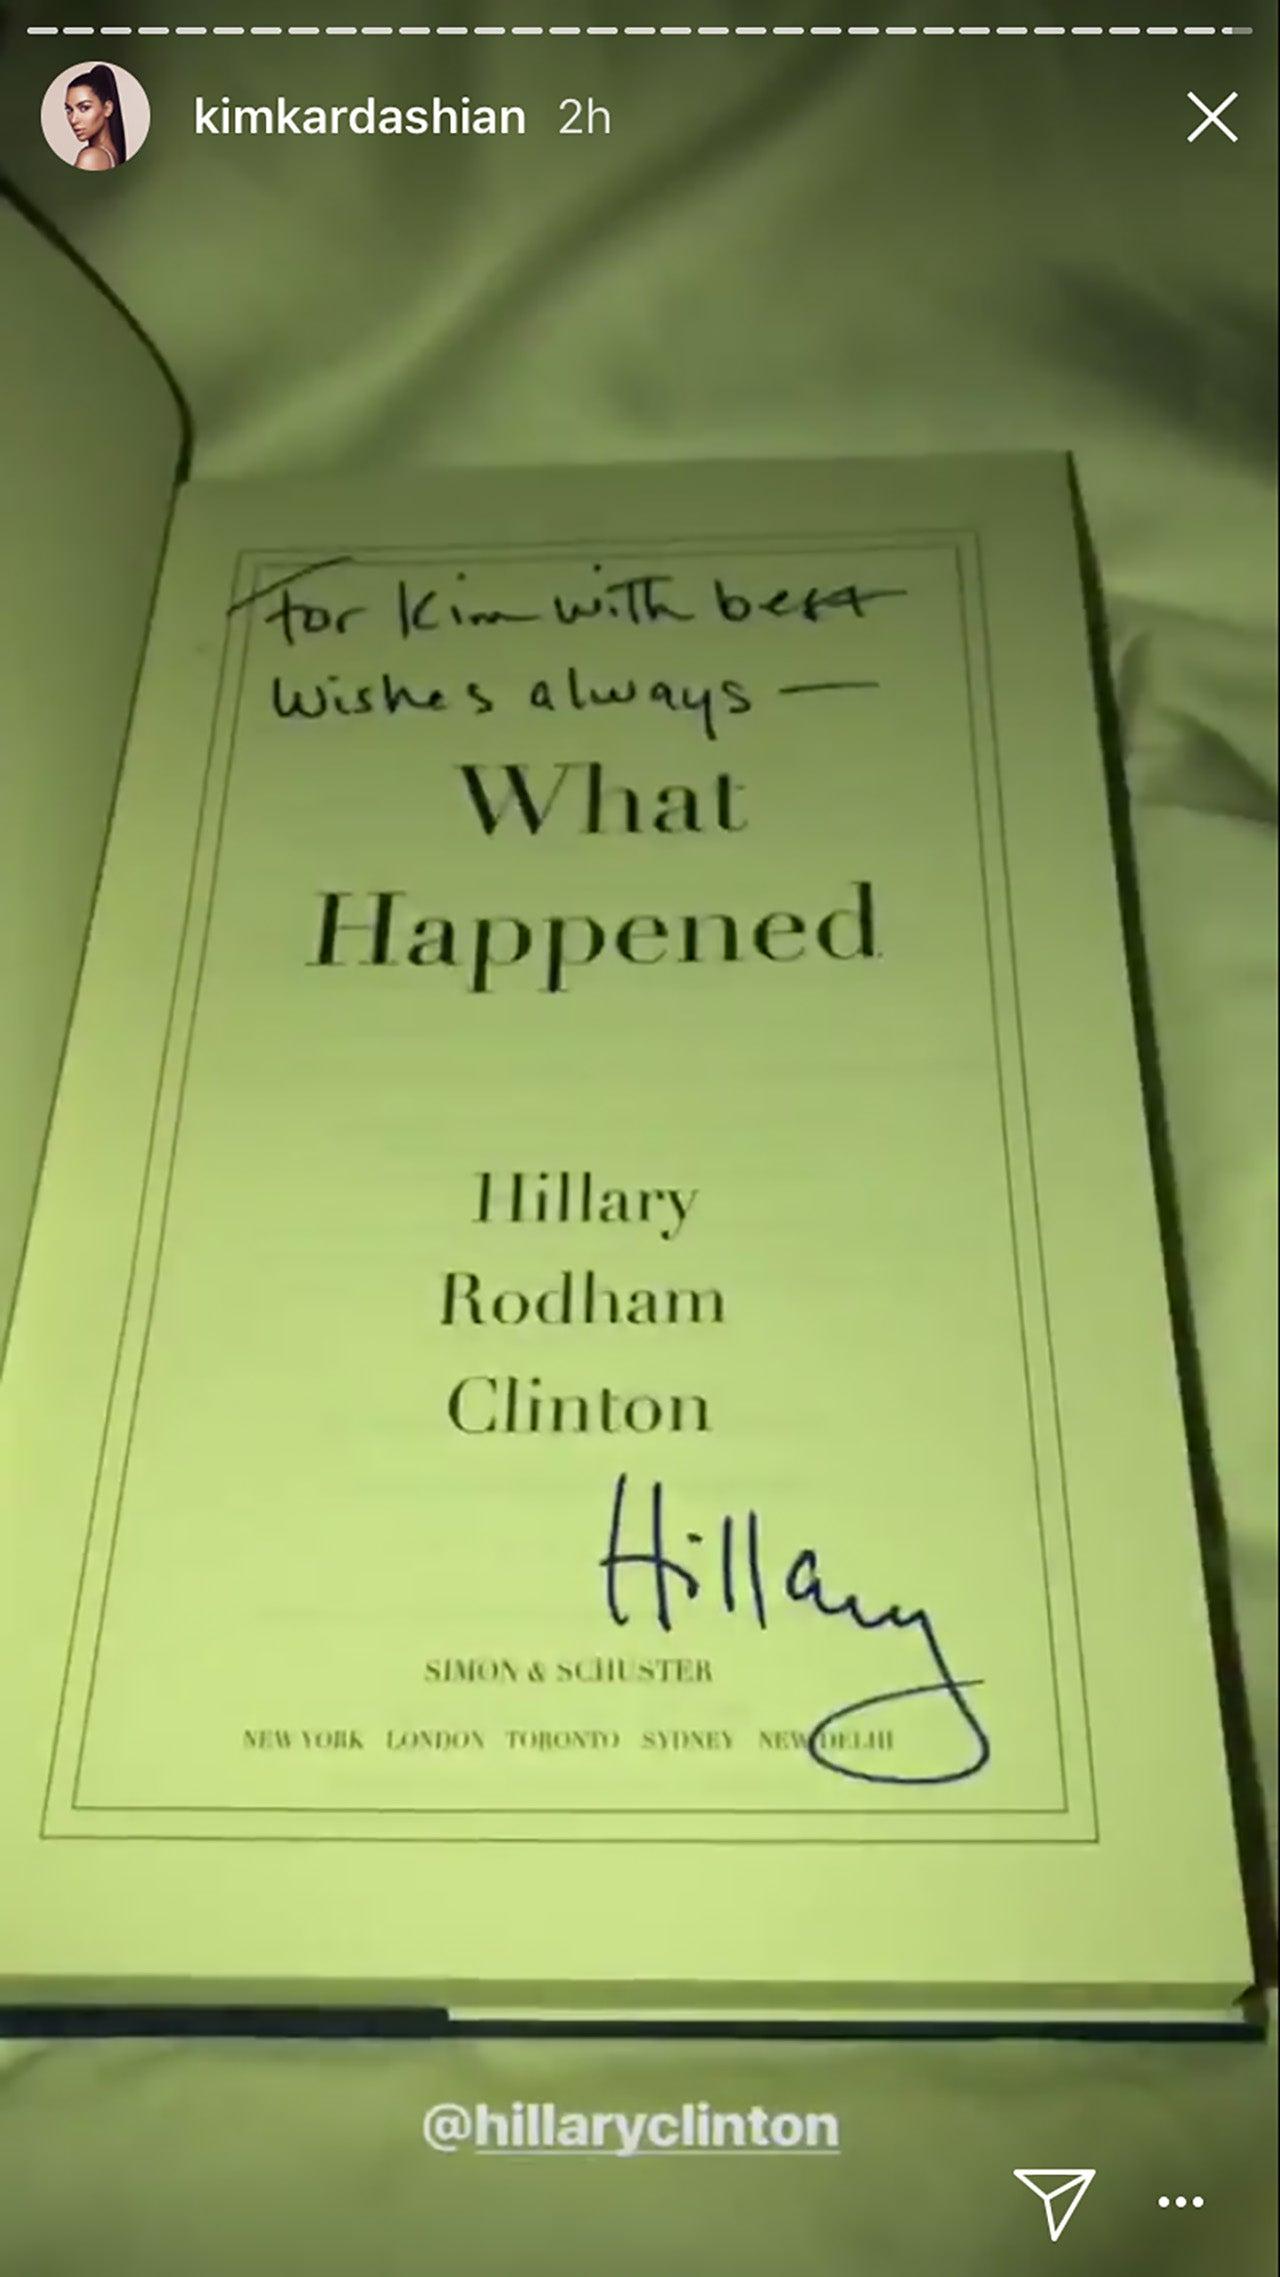 Hillary Clinton signs book for Kim Kardashian